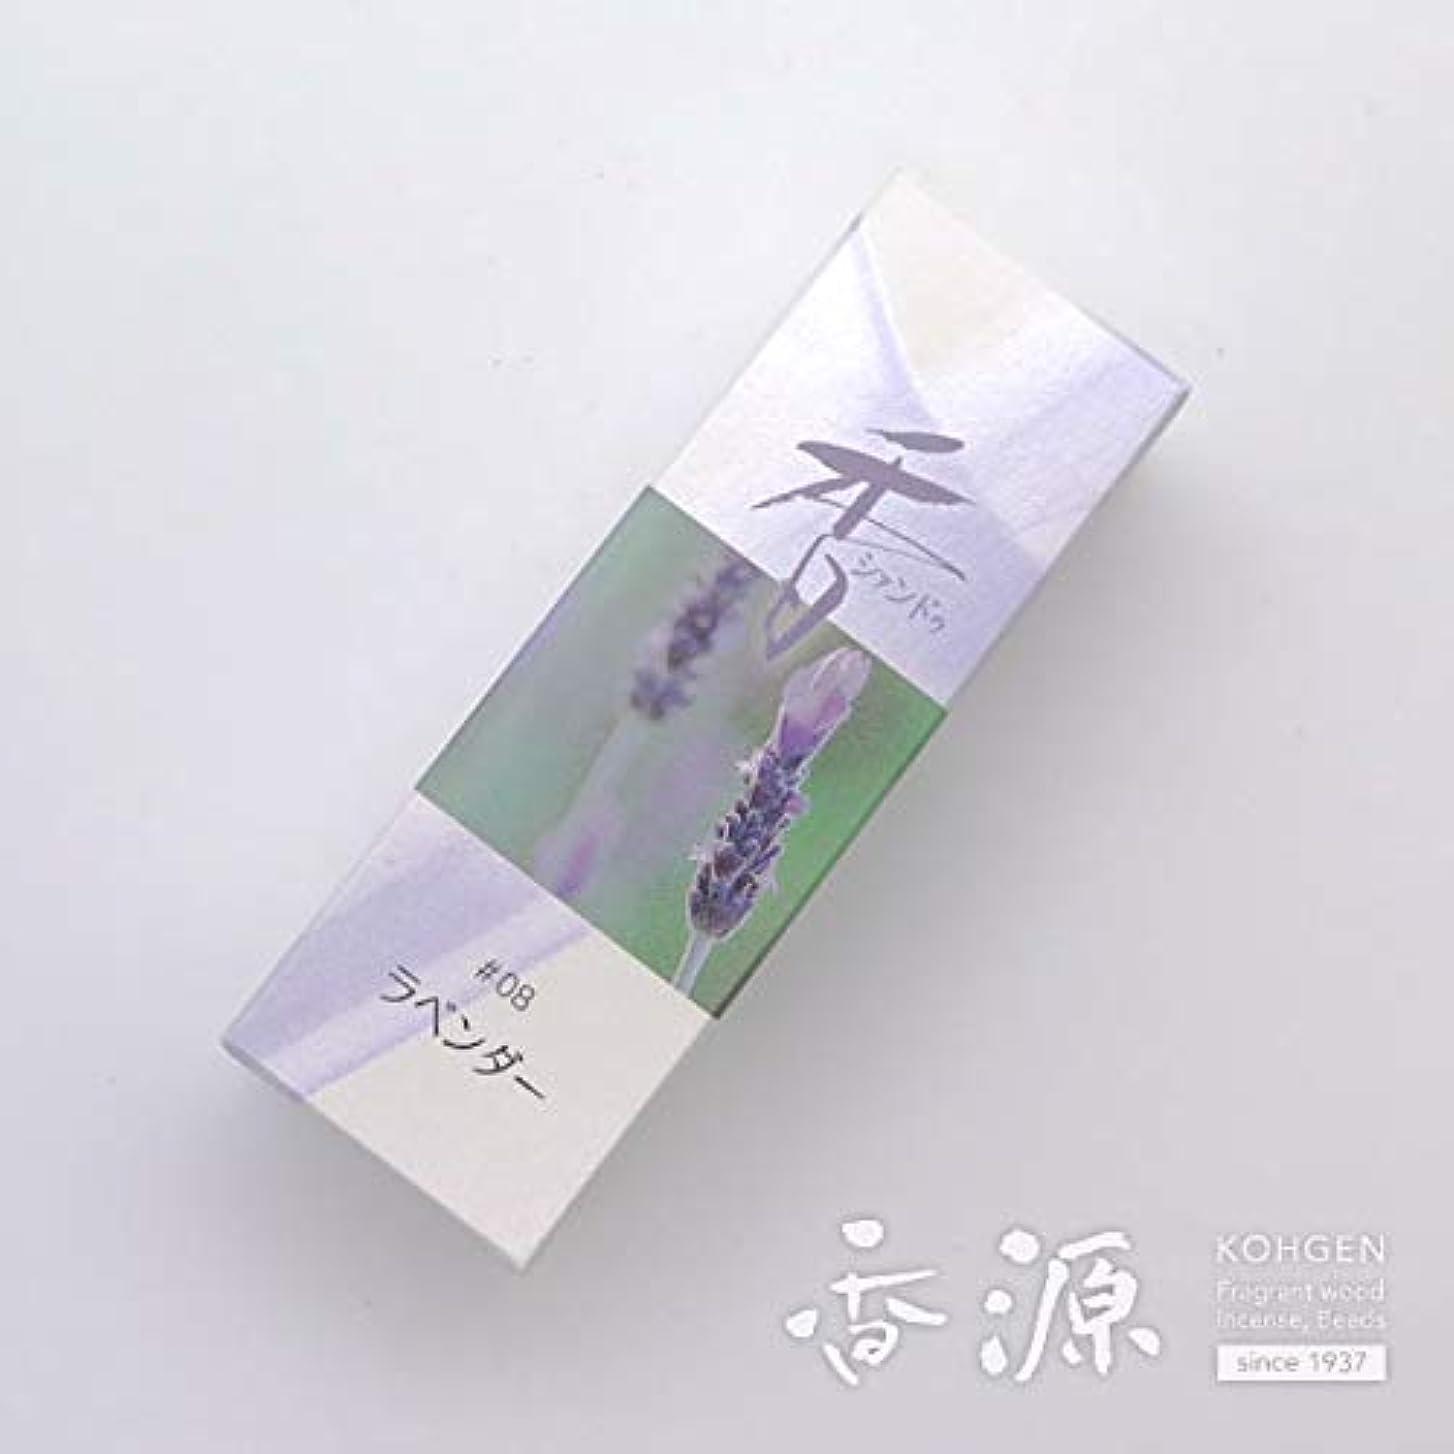 牛湾散る松栄堂のお香 Xiang Do ラベンダー ST20本入 簡易香立付 #214208